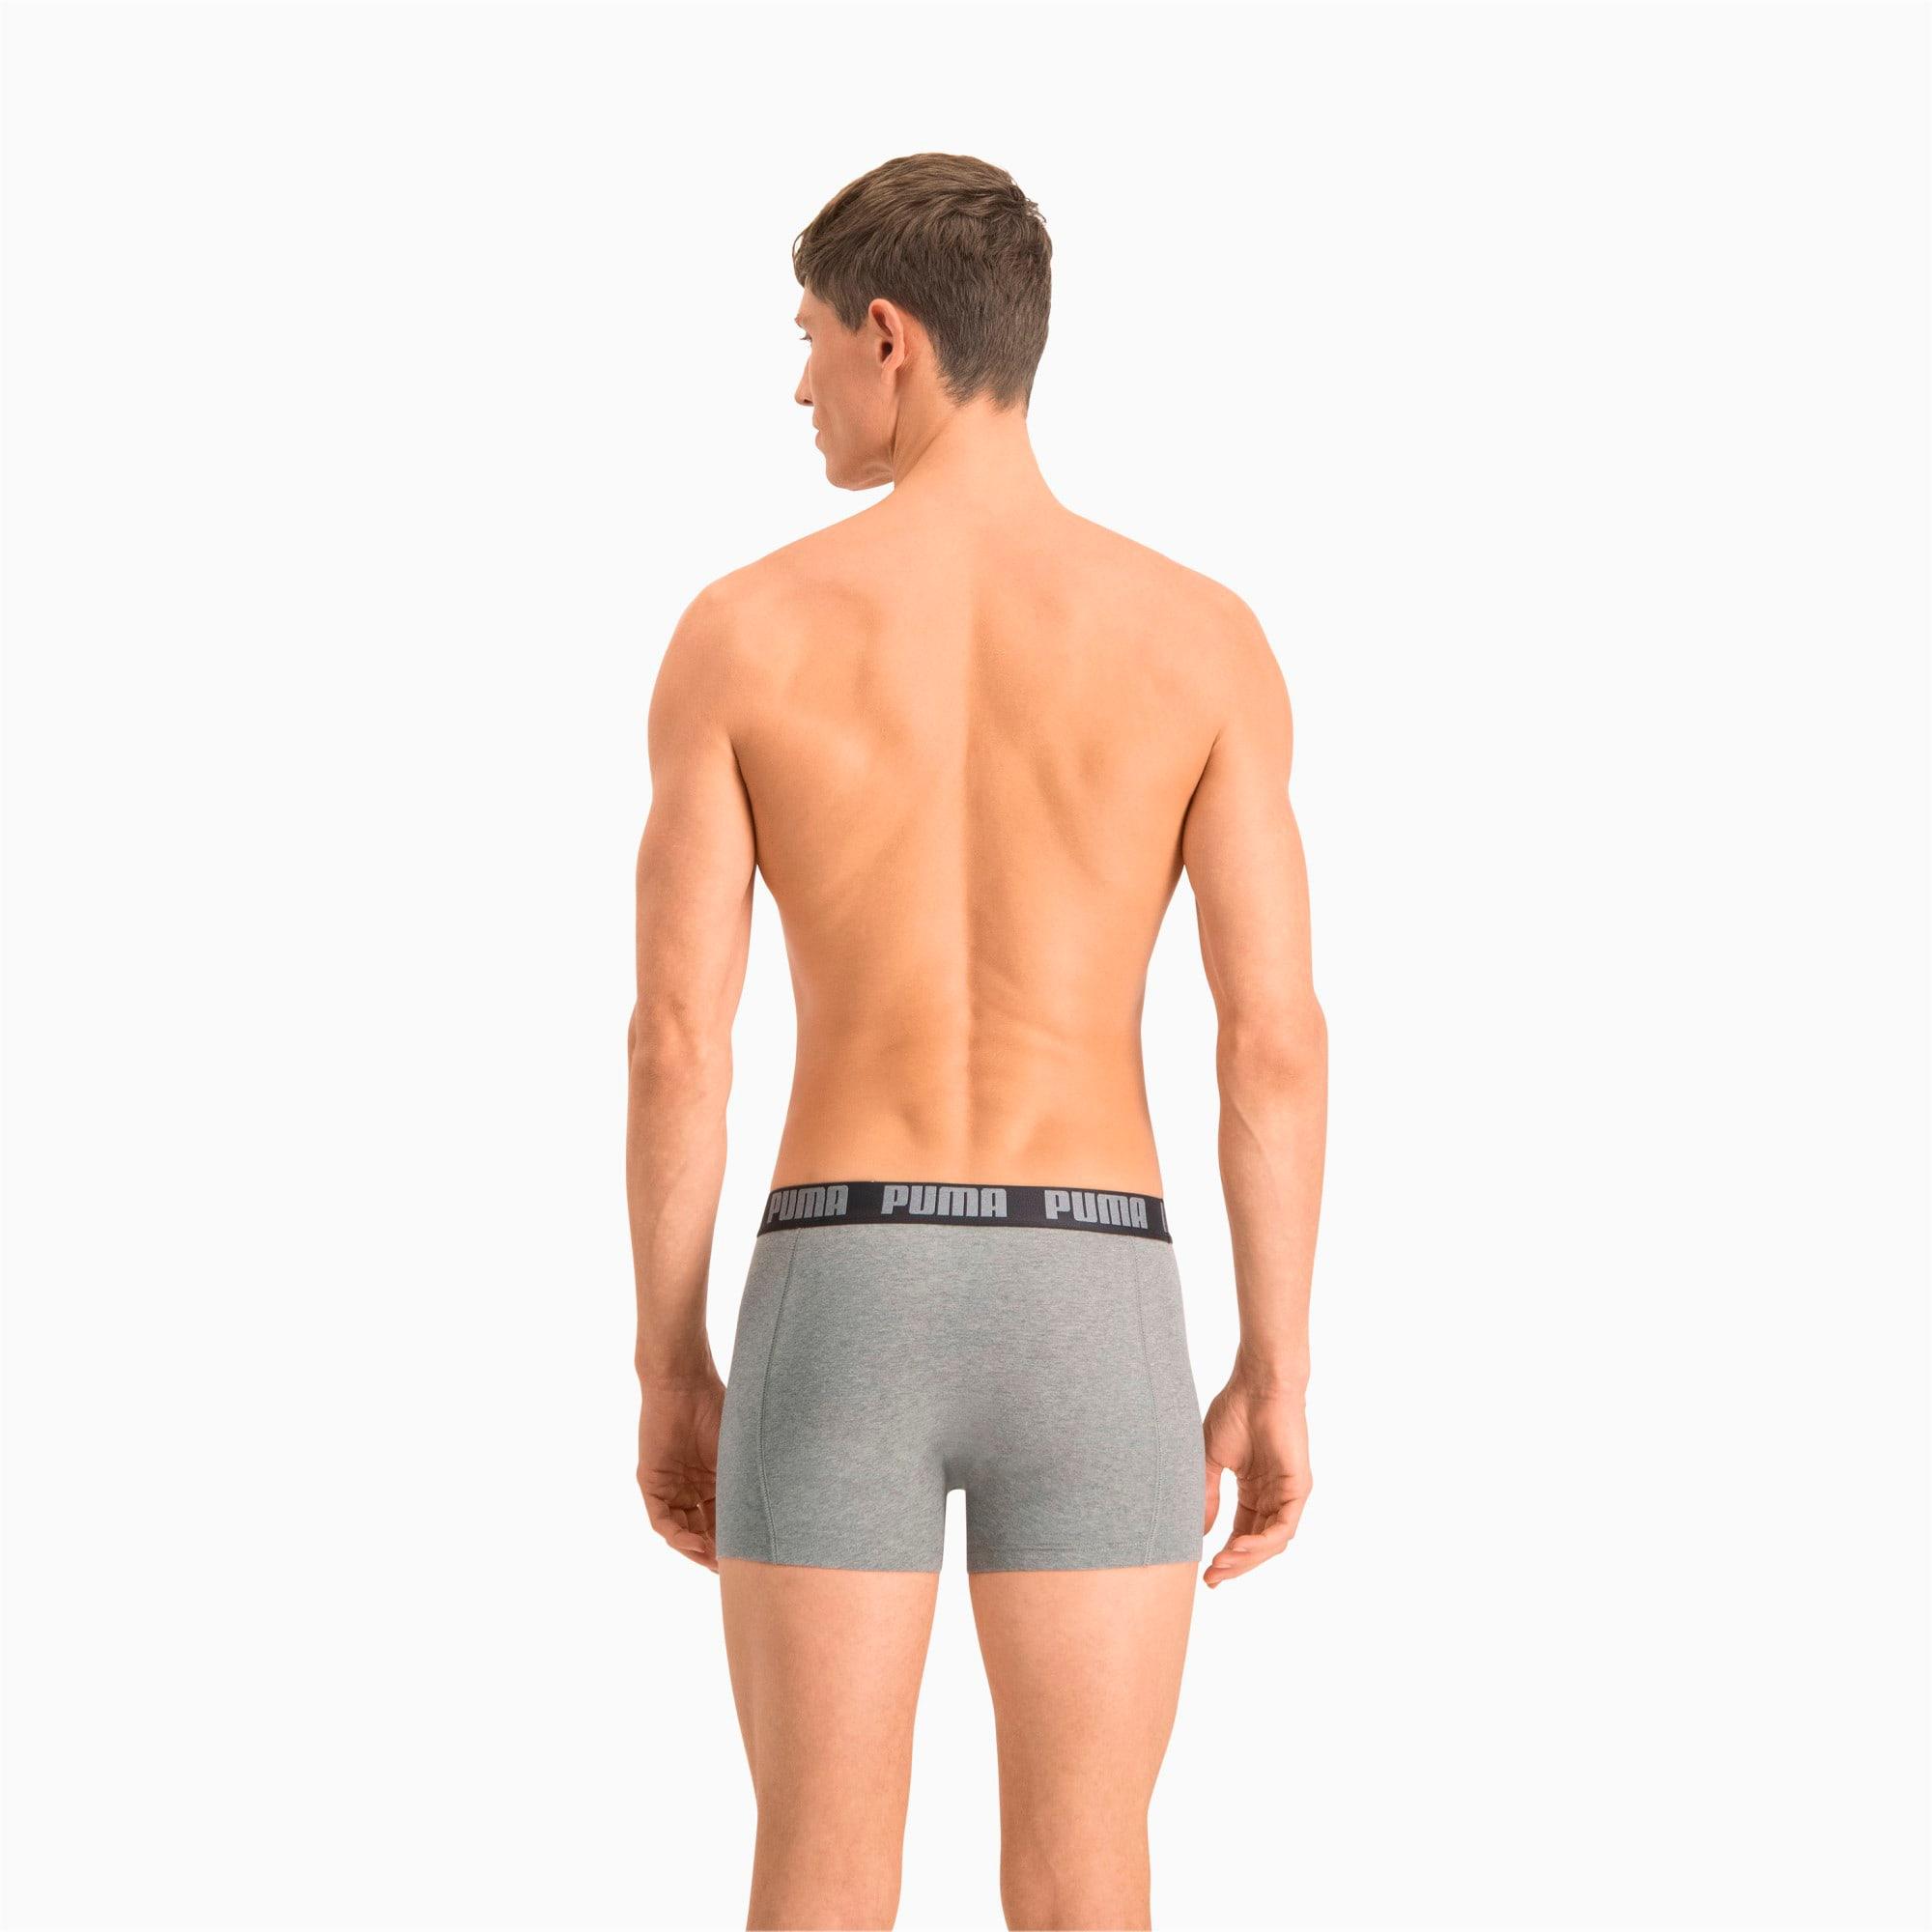 Thumbnail 2 van Basic boxershort voor mannen in verpakking van 2, donkergrijze melange / zwart, medium